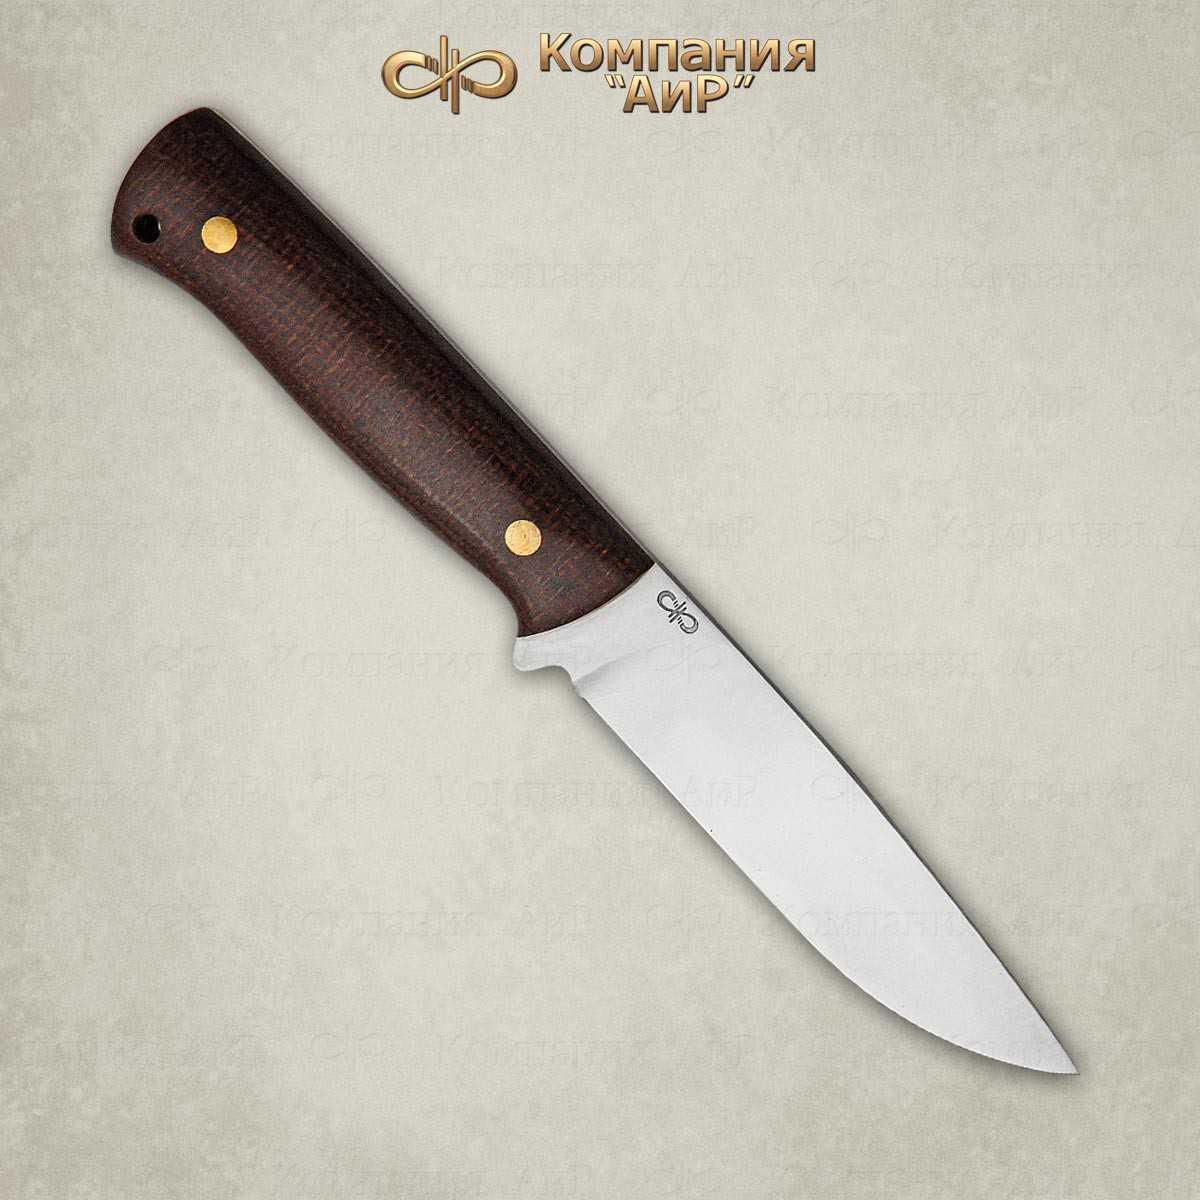 Нож цельнометаллический Стриж, АиР, текстолит, 100х13мНожи Златоуст<br>«Стриж» – компактный универсальный нож с накладным монтажом рукояти. Клинок ножа выполнен с понижением линии обуха, благодаря чему острие находится на оси приложения силы и имеет хорошую проникающую способность. Прямые спуски от обуха образуют прекрасно режущее лезвие. В основании клинка имеется упор-ограничитель, позволяющий предотвратить соскальзывание руки на лезвие. Нож хорошо сбалансирован и посадист. На рукояти имеется отверстие для темляка. Отличный инструмент для похода, дальних путешествий, в быту и фермерском хозяйстве.<br>В комплекте:<br><br>кожаные ножны<br>сертификат соответствия о том, что нож не является холодным оружием<br>паспорт изделия<br>мягкий текстильный кейс с логотипом компании<br>